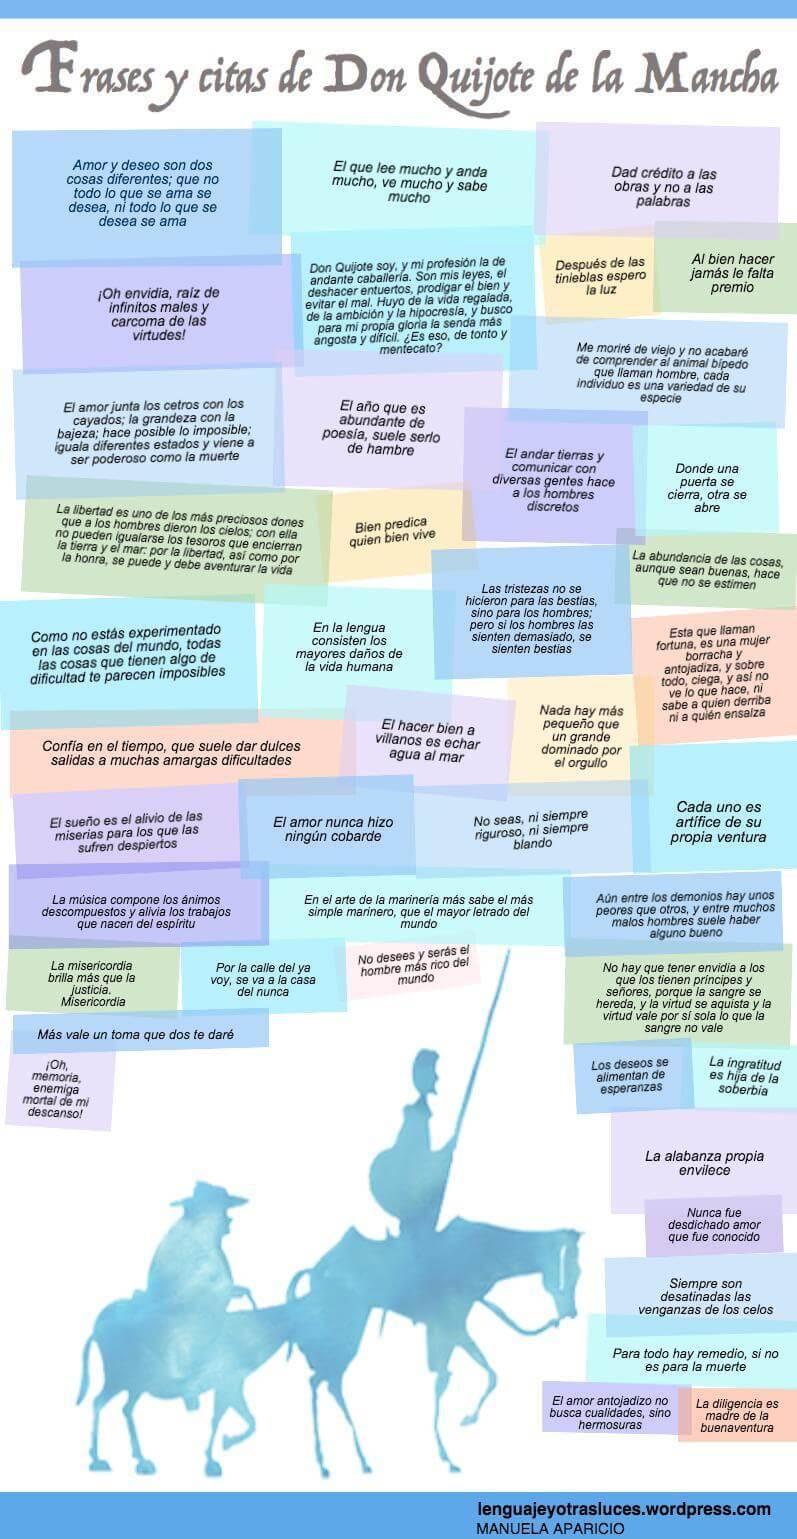 Infografía sobre Frases